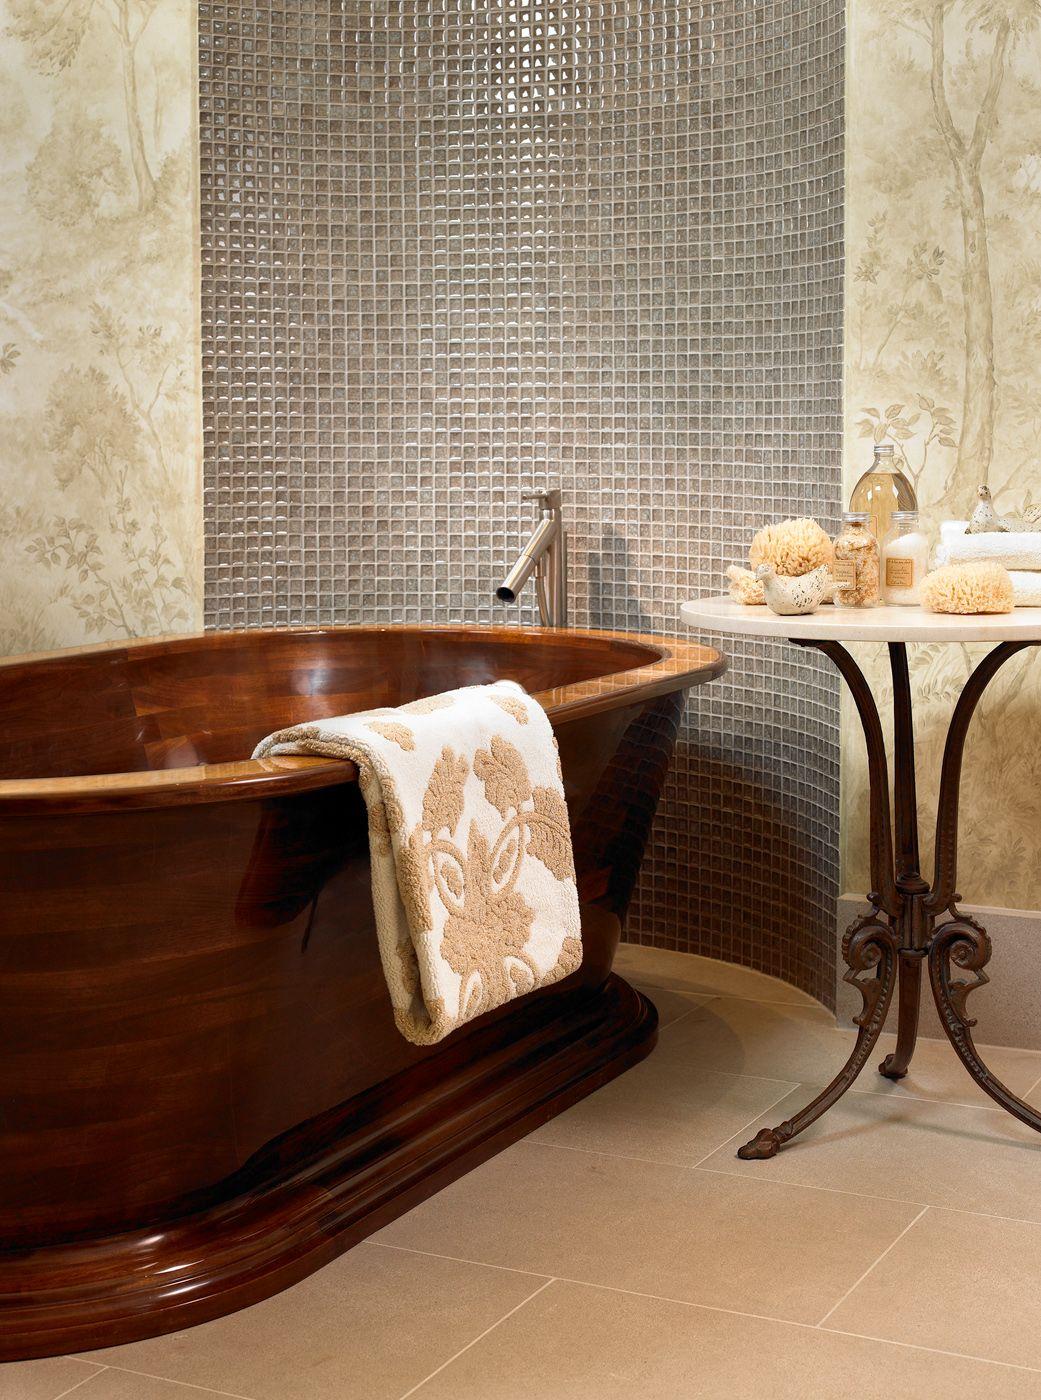 Walnut Bathtub With Birdseye Maple Inlay Rim, Finished with An Epoxy ...